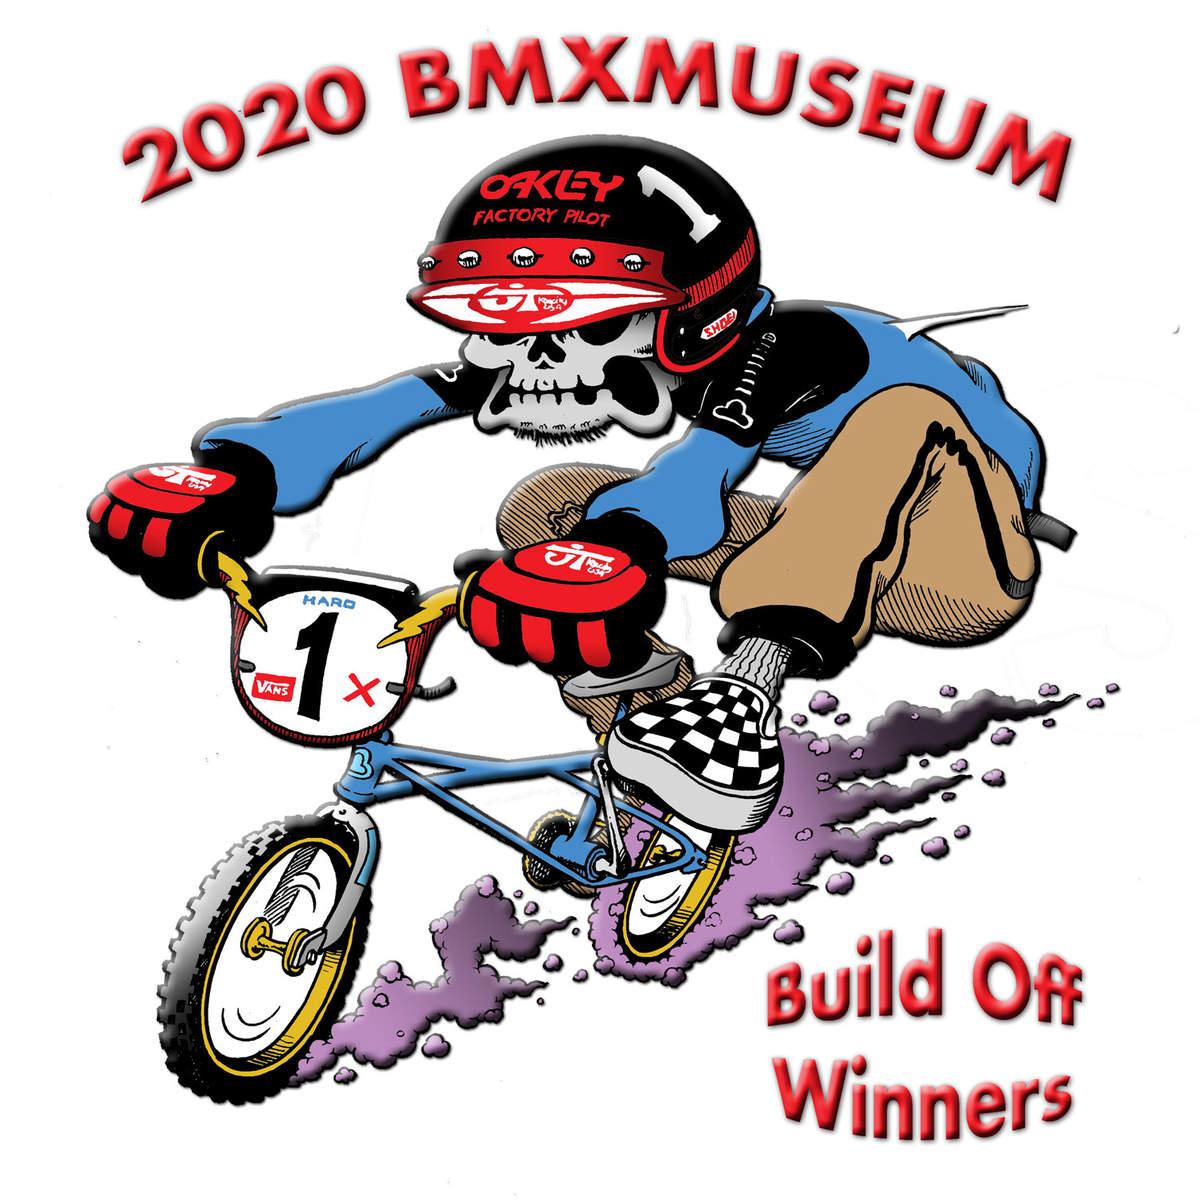 http://uploads.bmxmuseum.com/user-images/152/frontcover5dc77df9e2.jpg